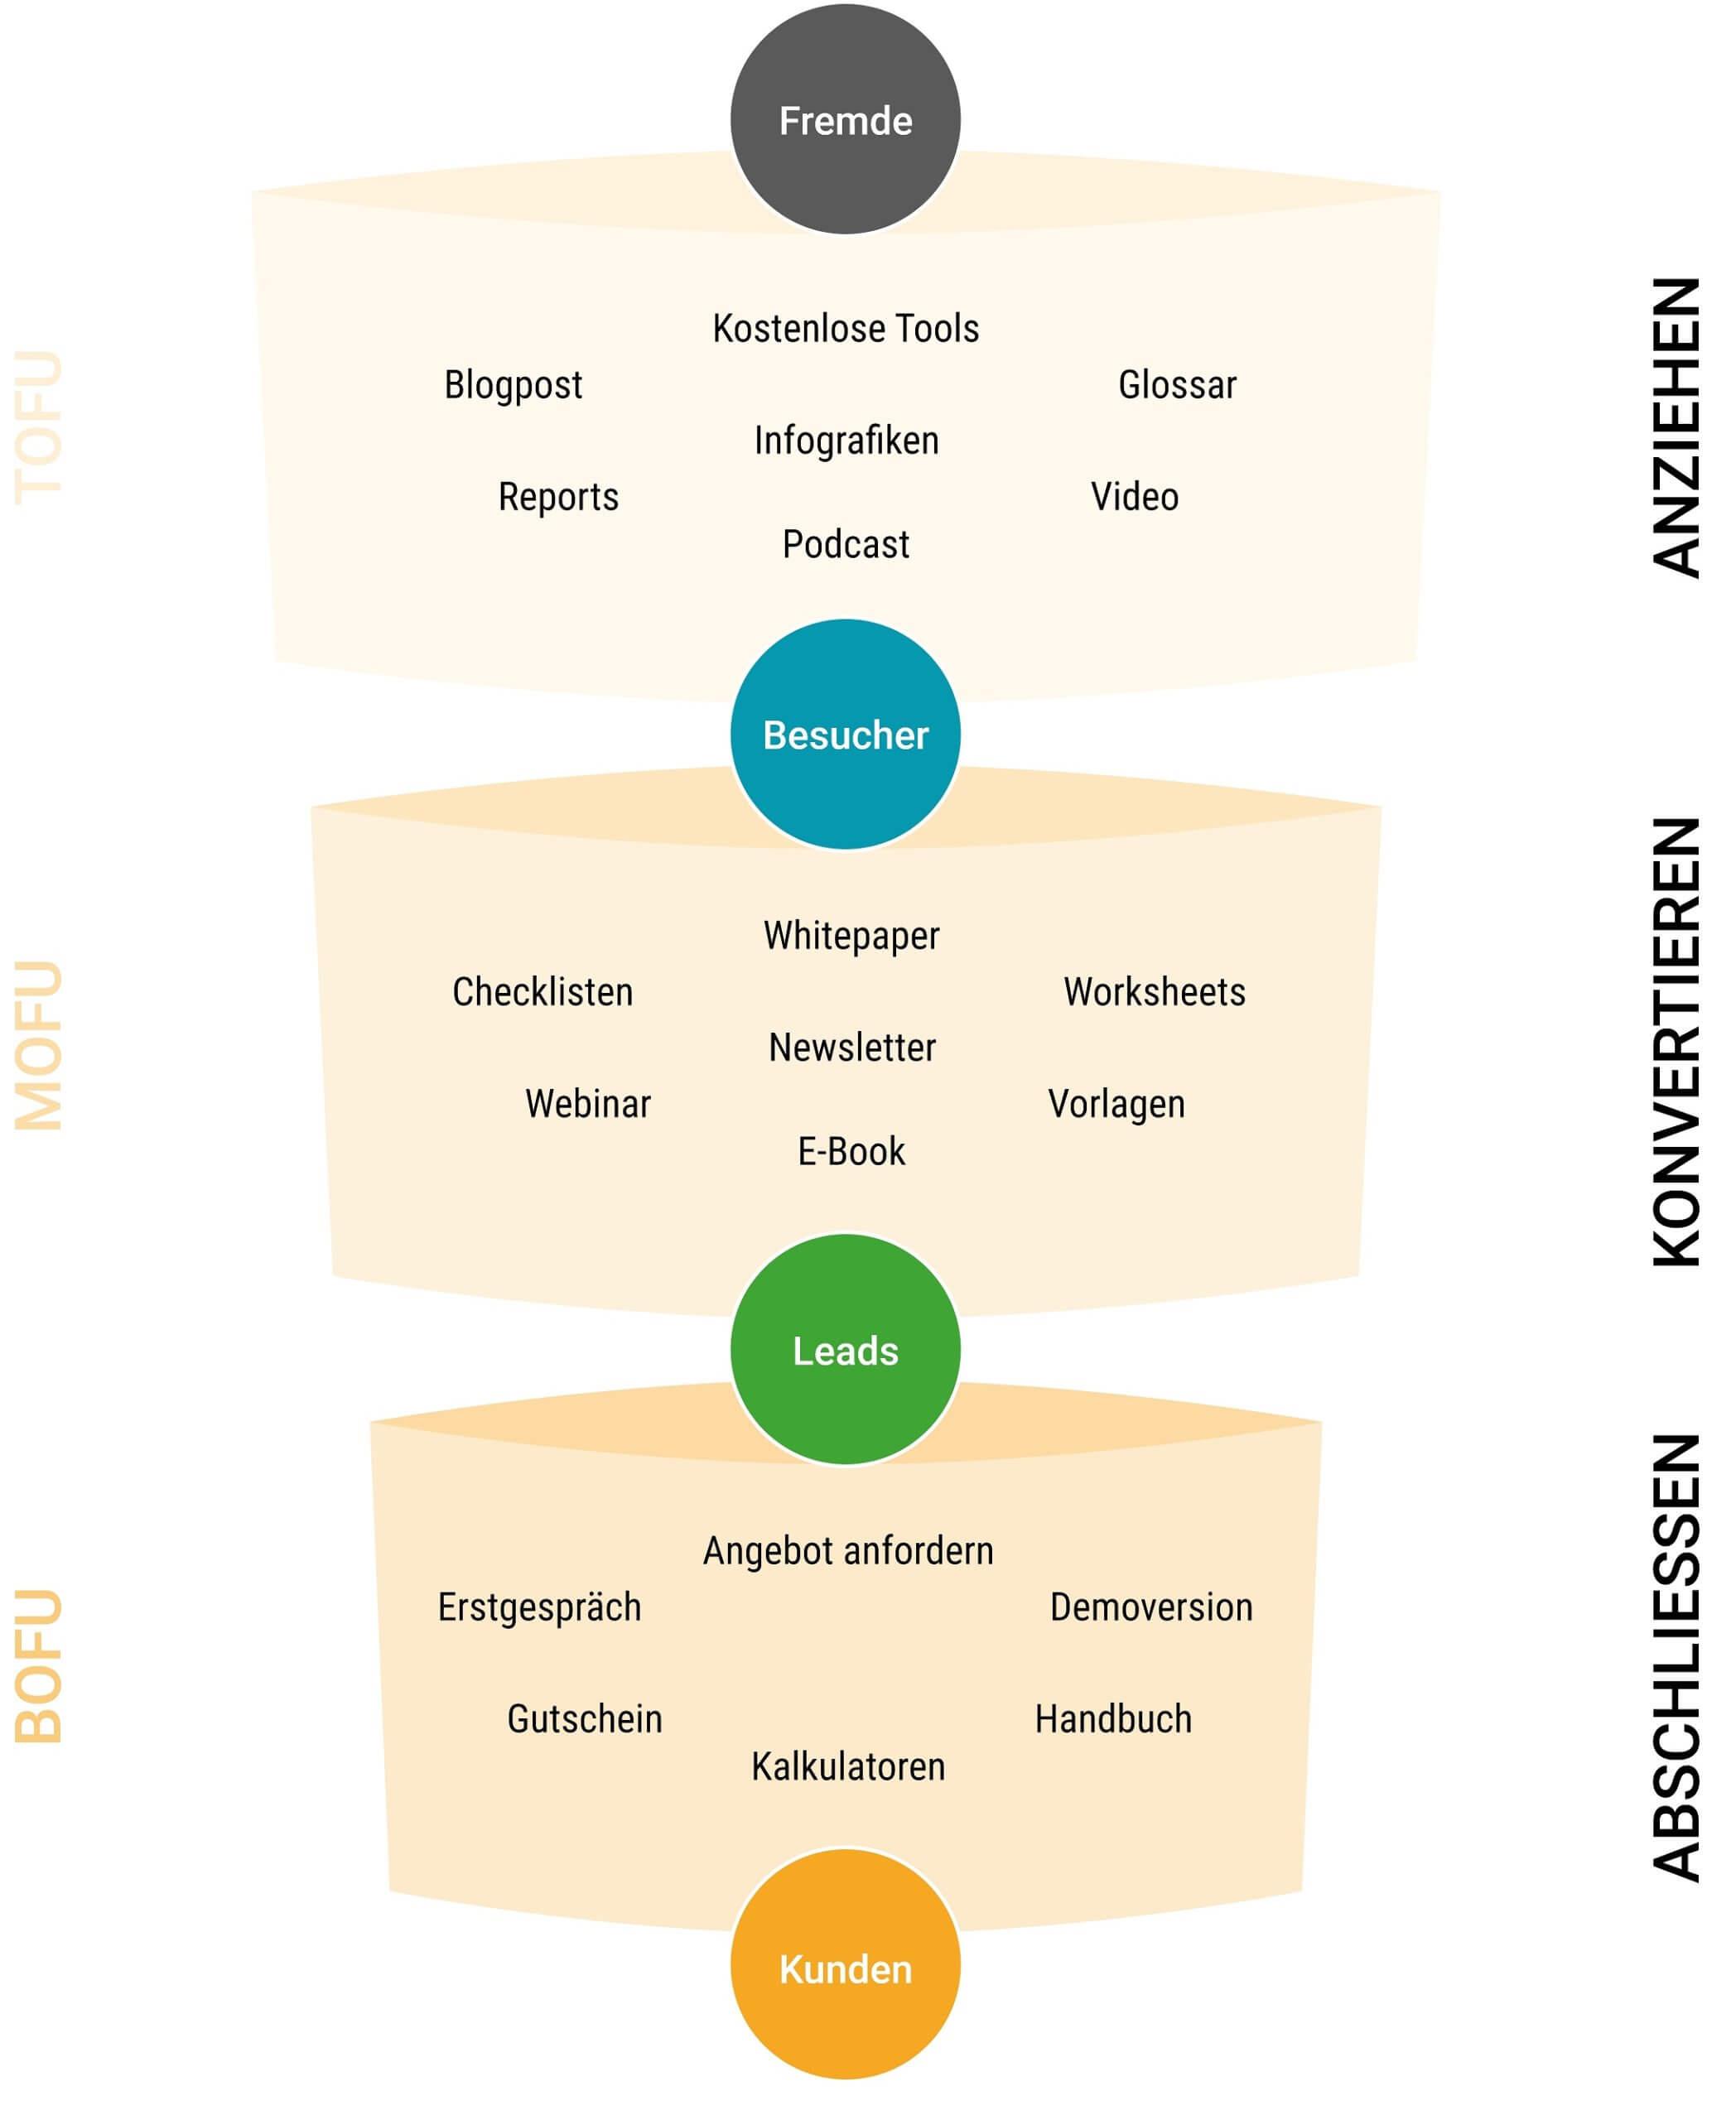 Visualisierung des Marketing Funnels mit verschiedenen Content Formaten